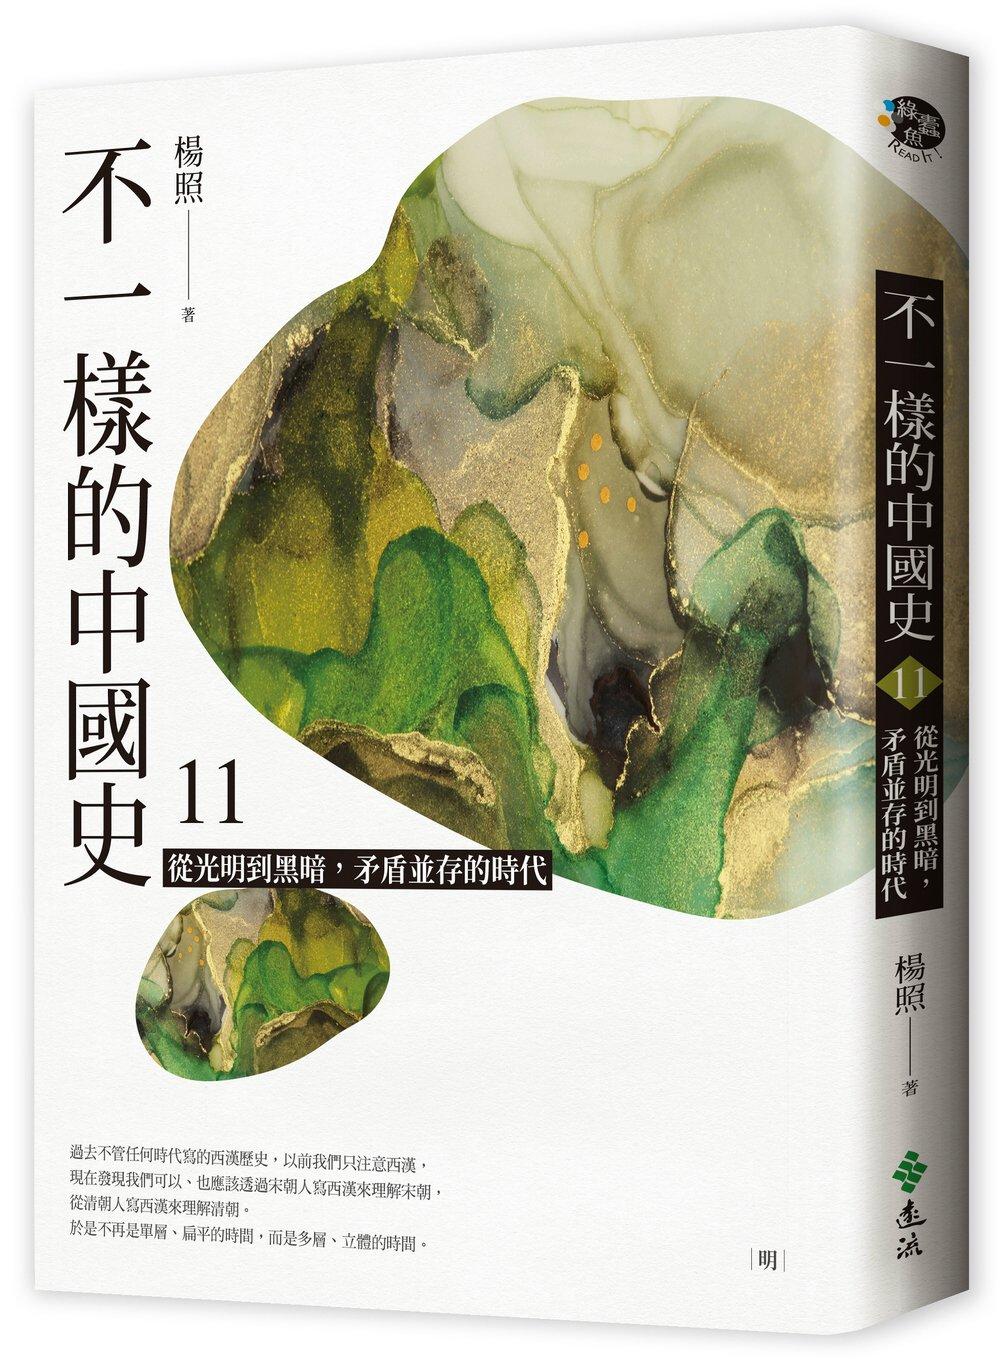 不一樣的中國史11:從光明到黑暗,矛盾並存的時代--明